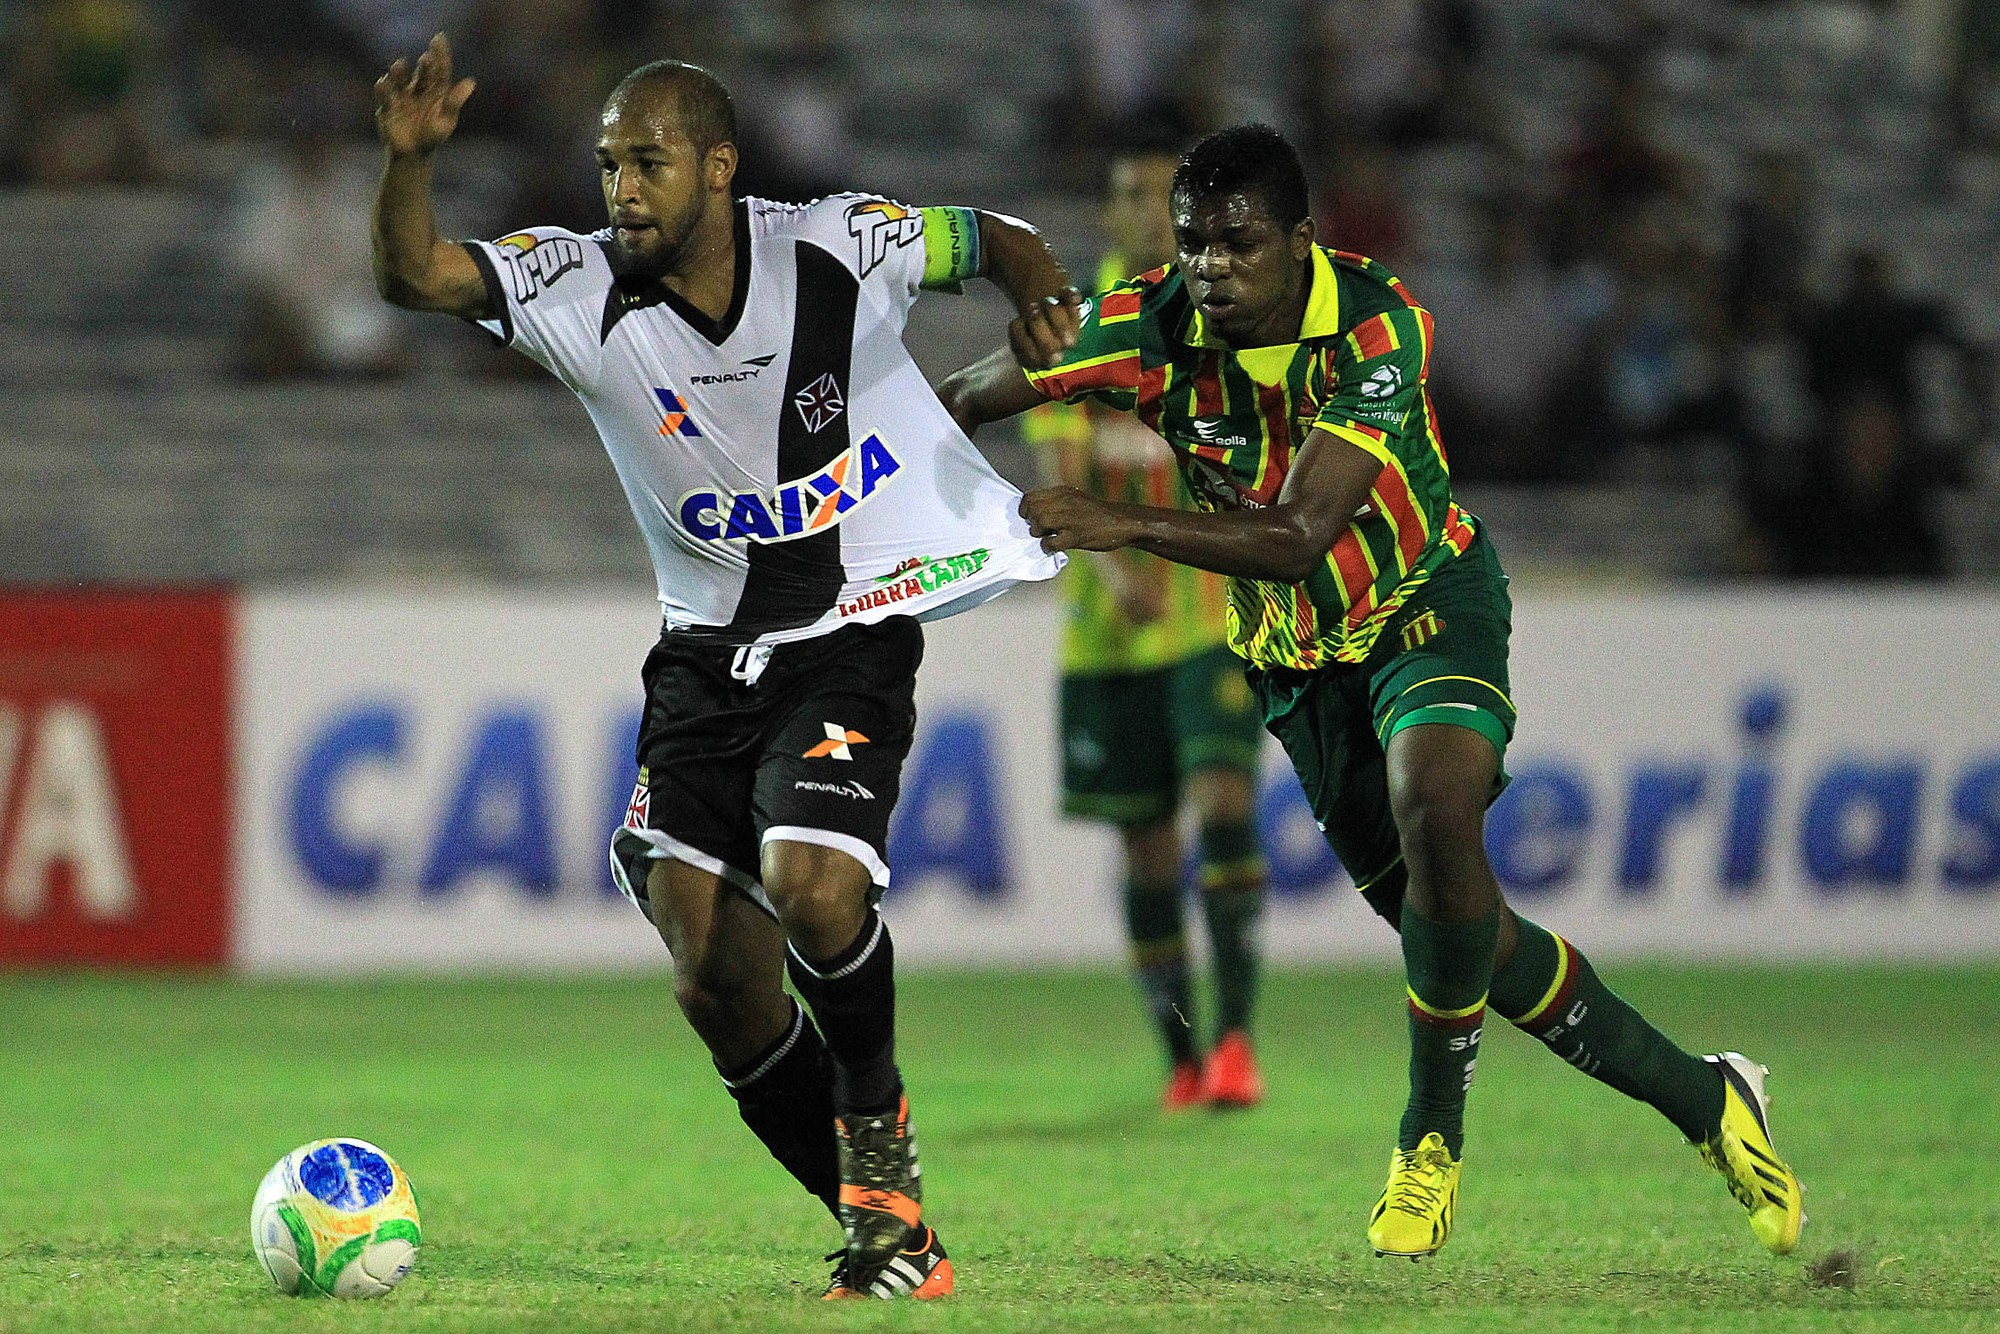 Fellipe Bastos em ação pelo Vasco em sua primeira passagem pelo clube